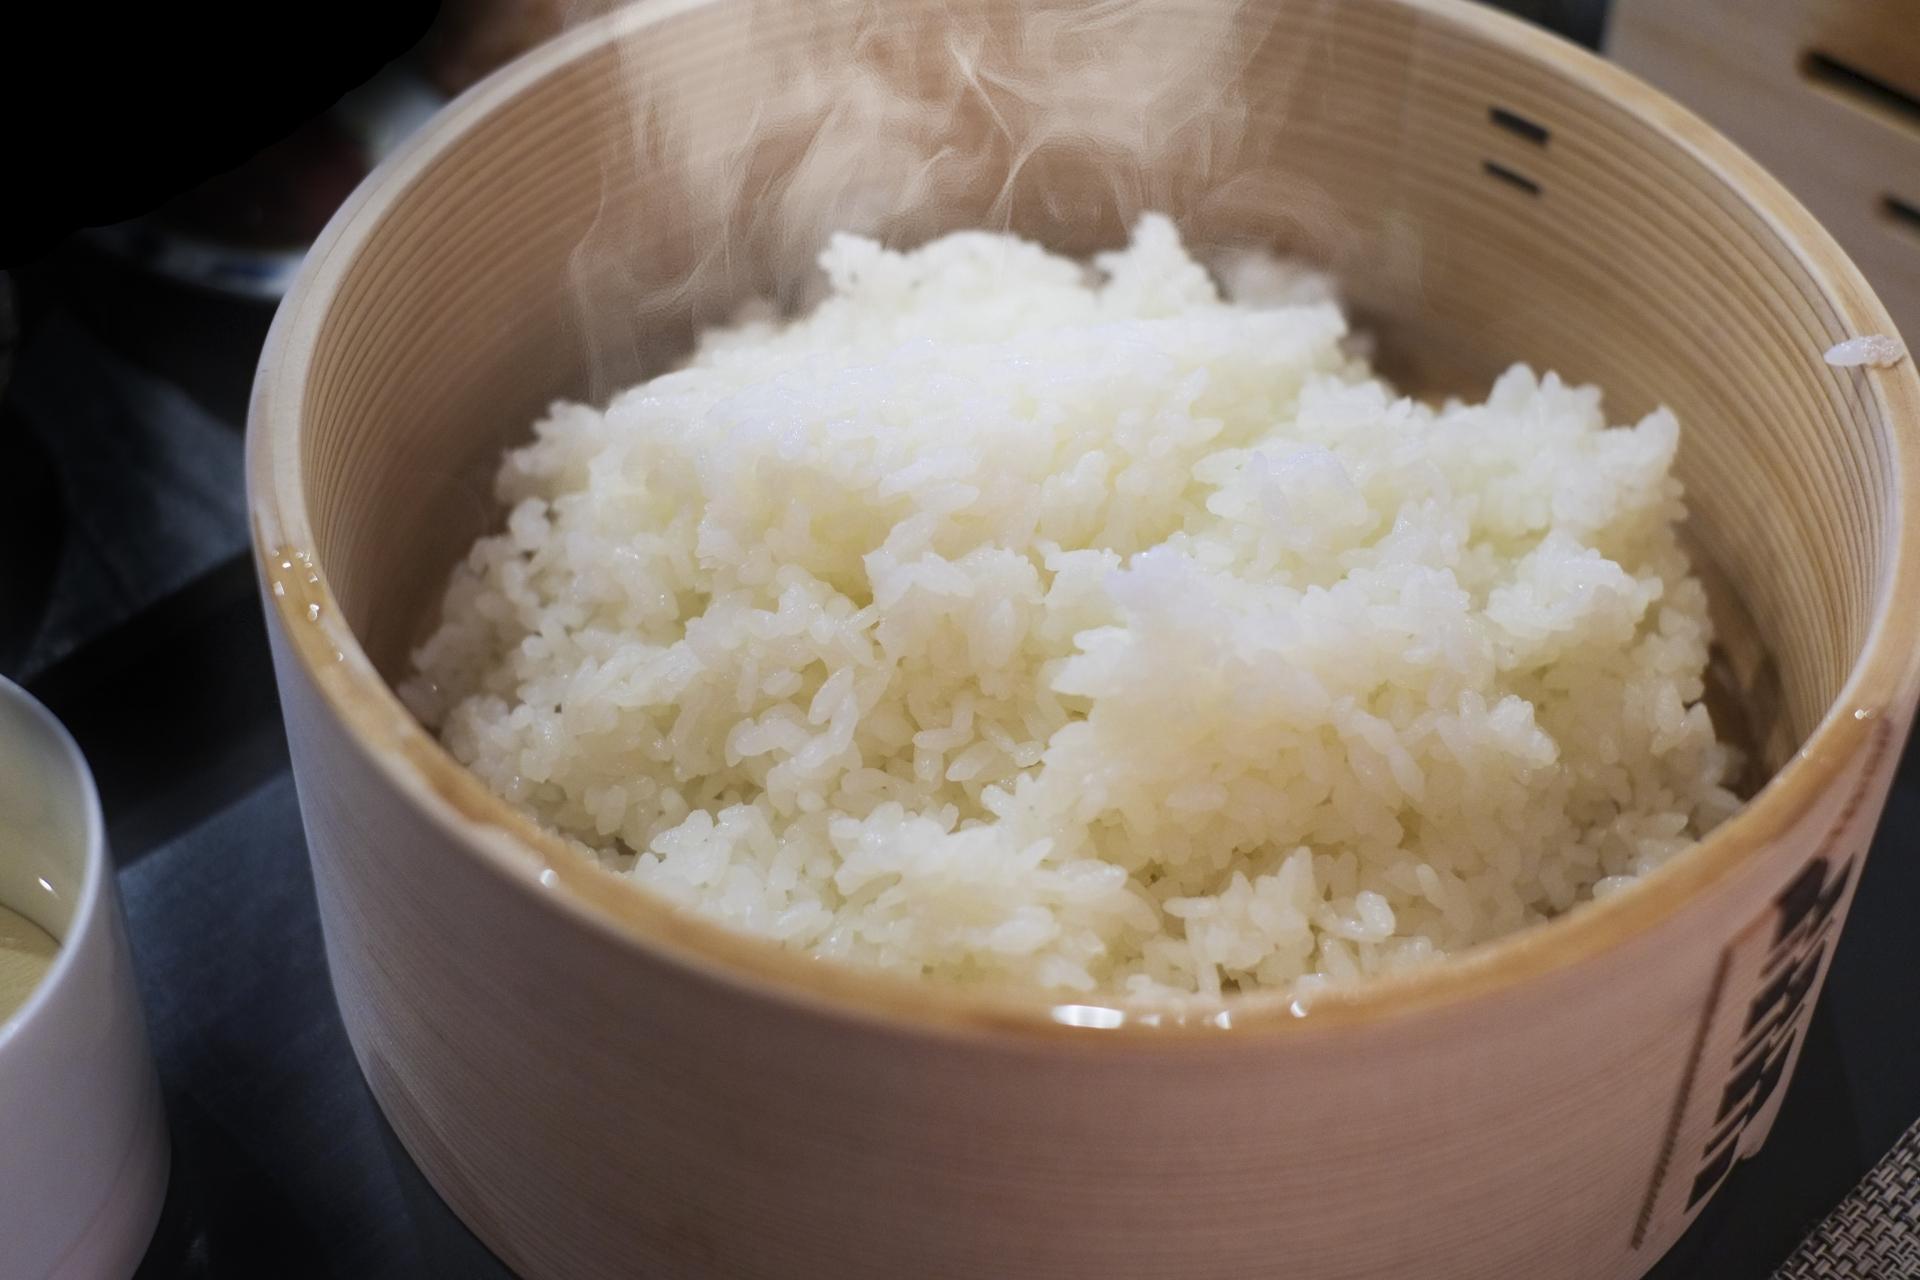 ご飯を冷蔵庫で保存するとパサパサになるワケ!ご飯の保存方法